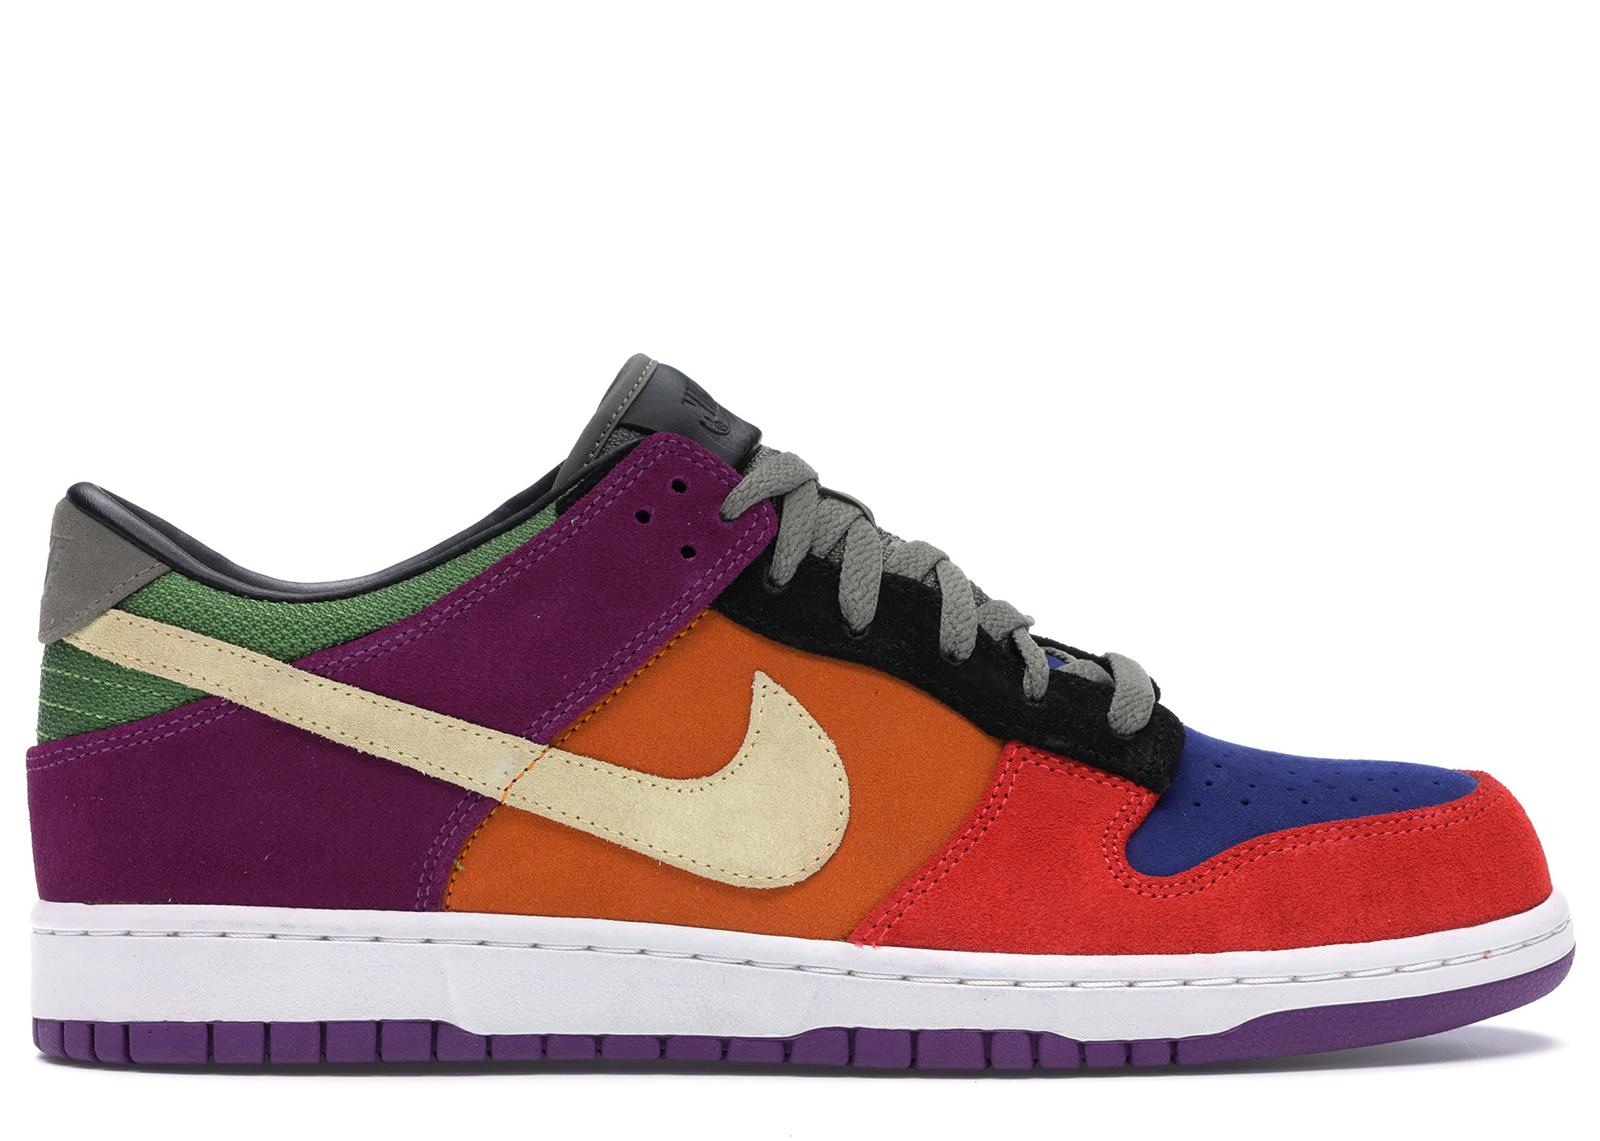 Nike Dunk Low Viotech (2013) - 617069-550